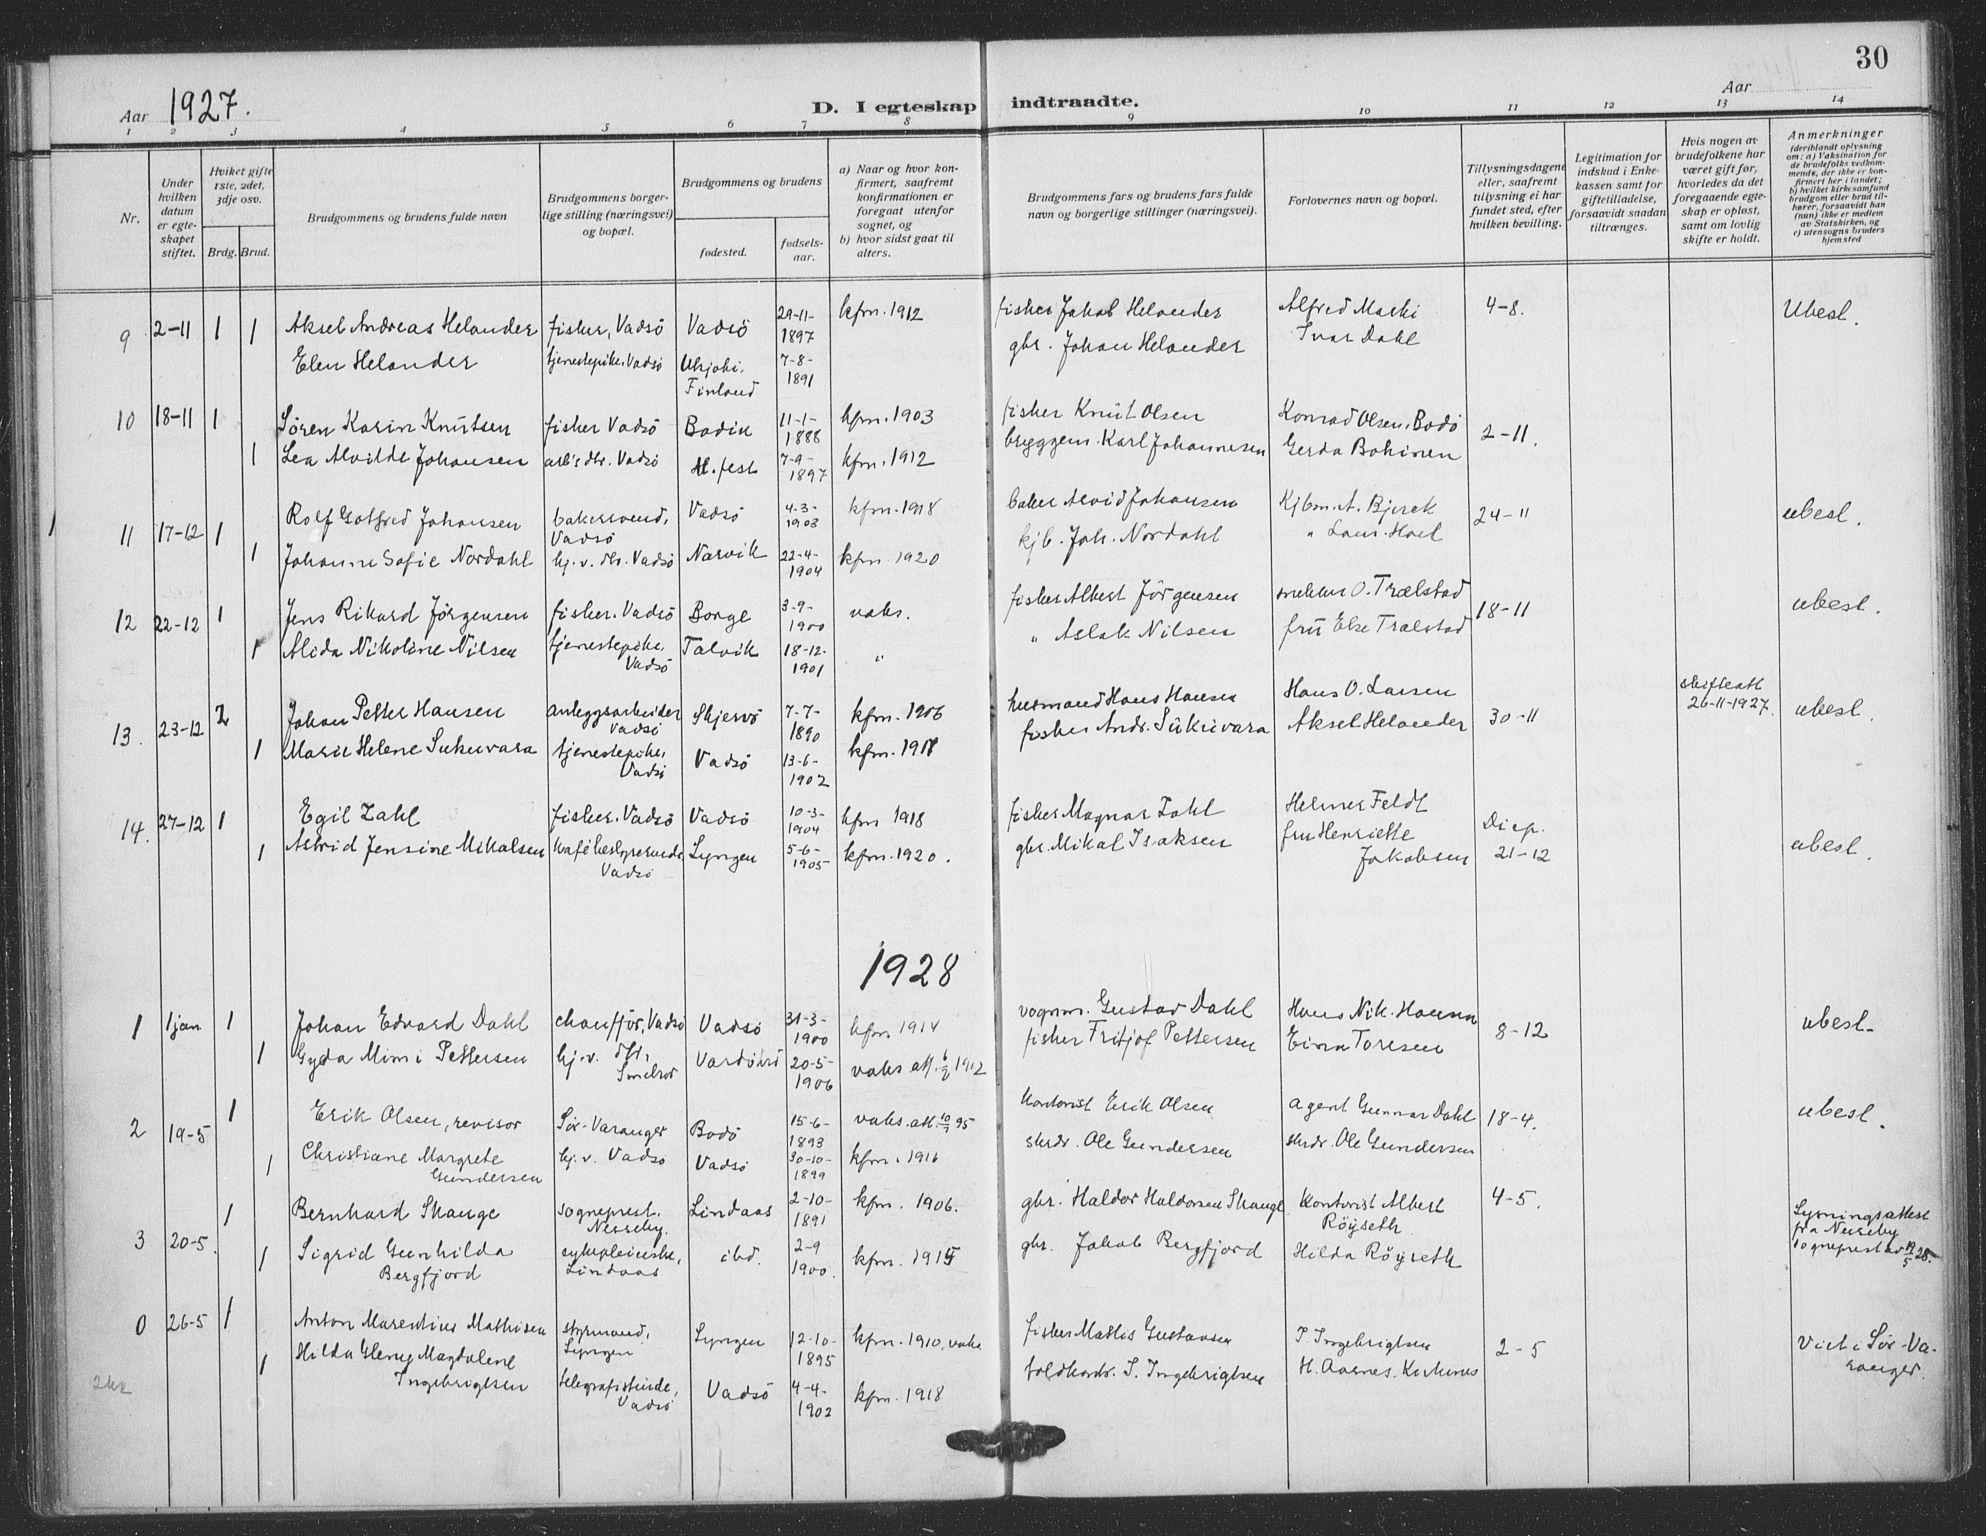 SATØ, Vadsø sokneprestkontor, H/Ha/L0008kirke: Ministerialbok nr. 8, 1912-1930, s. 30